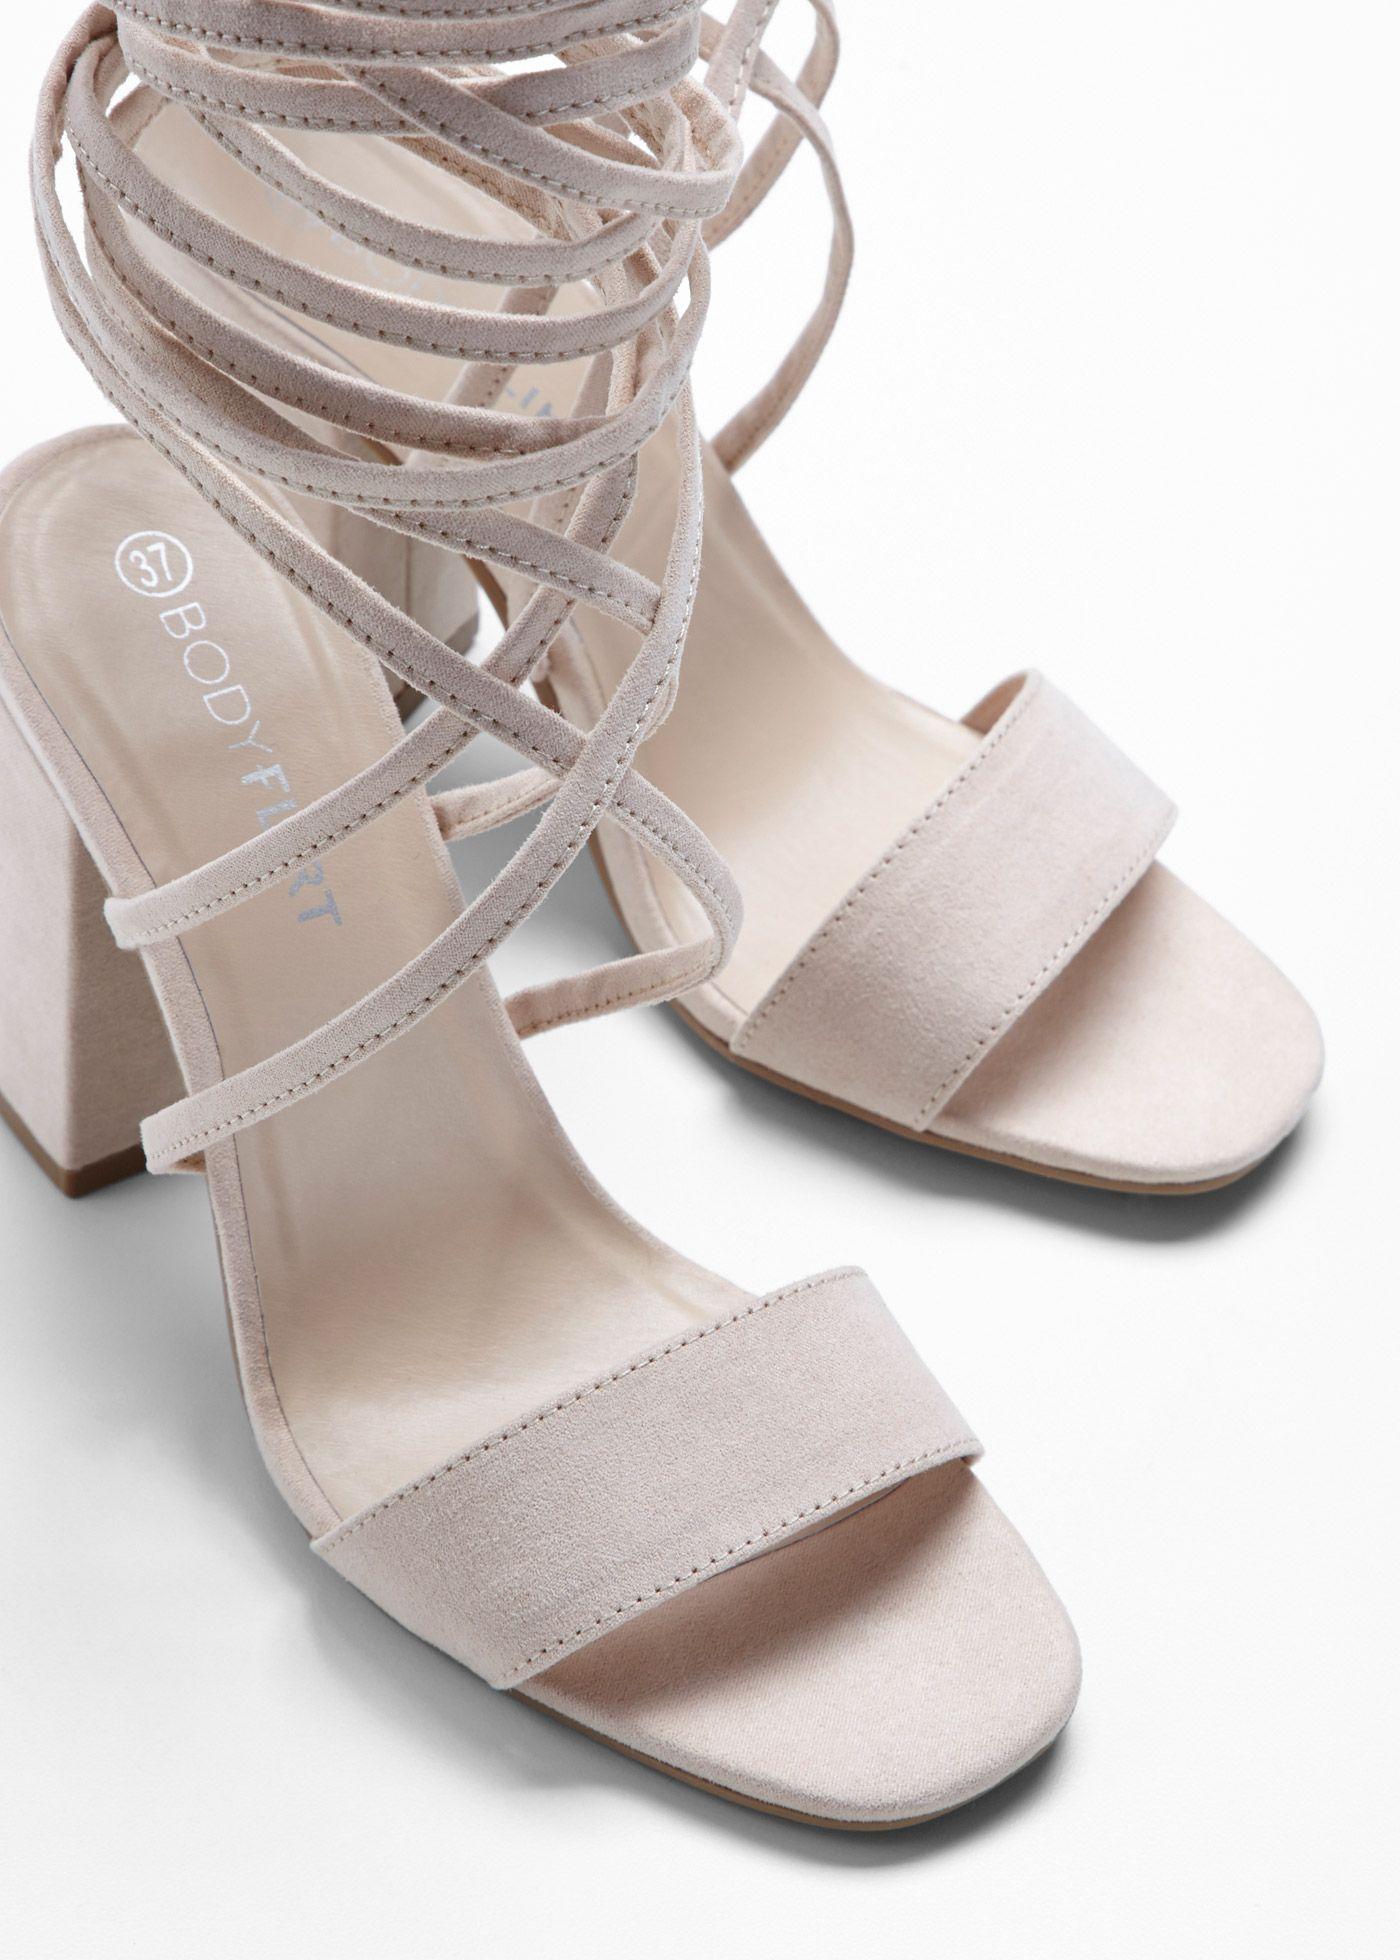 Ein passender Schuh für warme Tage ist diese Sandalette mit